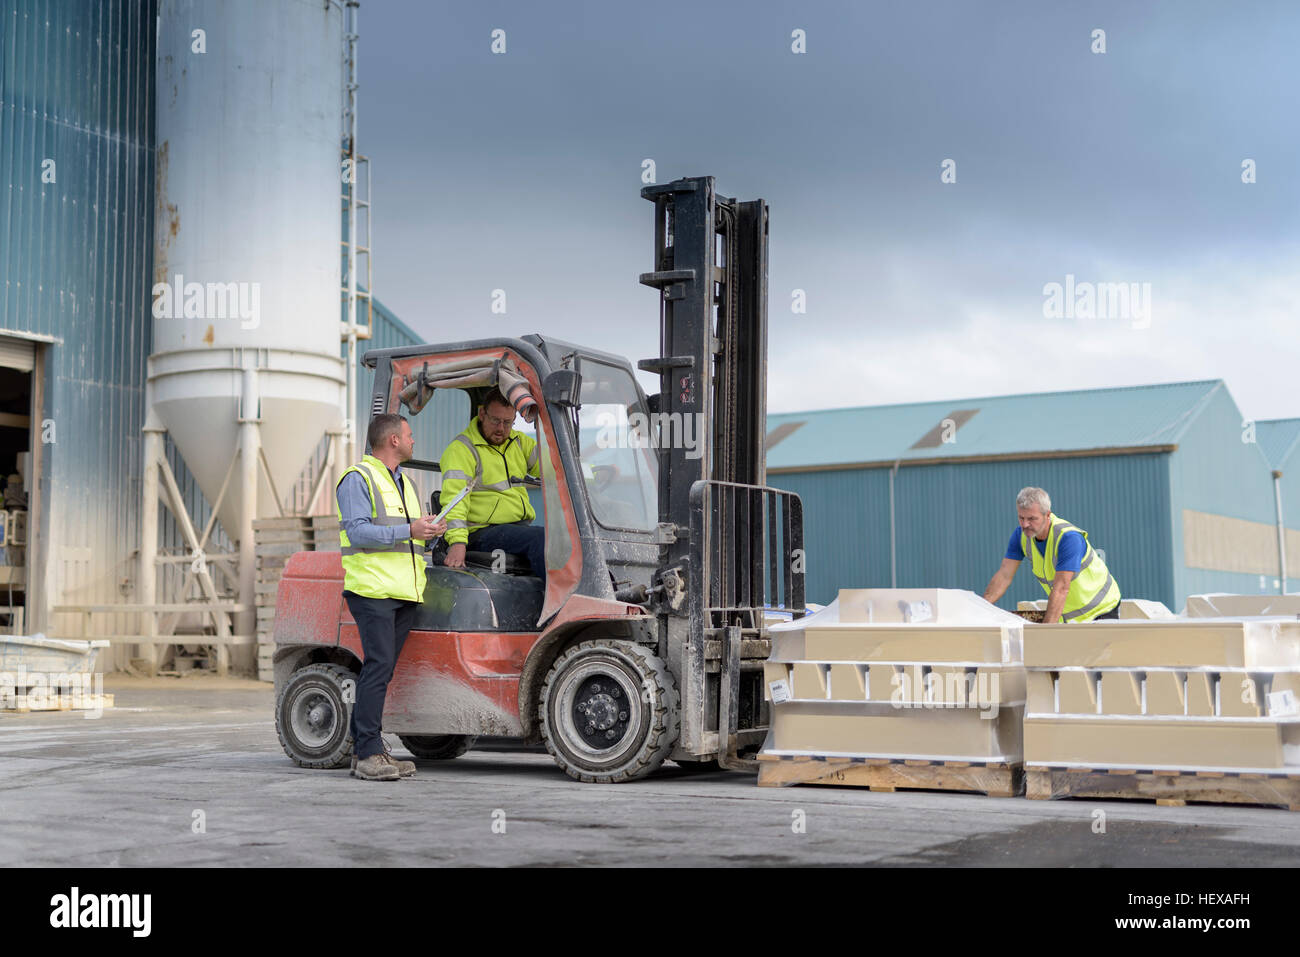 Manager hablando con conductor de carretilla elevadora fuera de fábrica de piedra arquitectónica Imagen De Stock